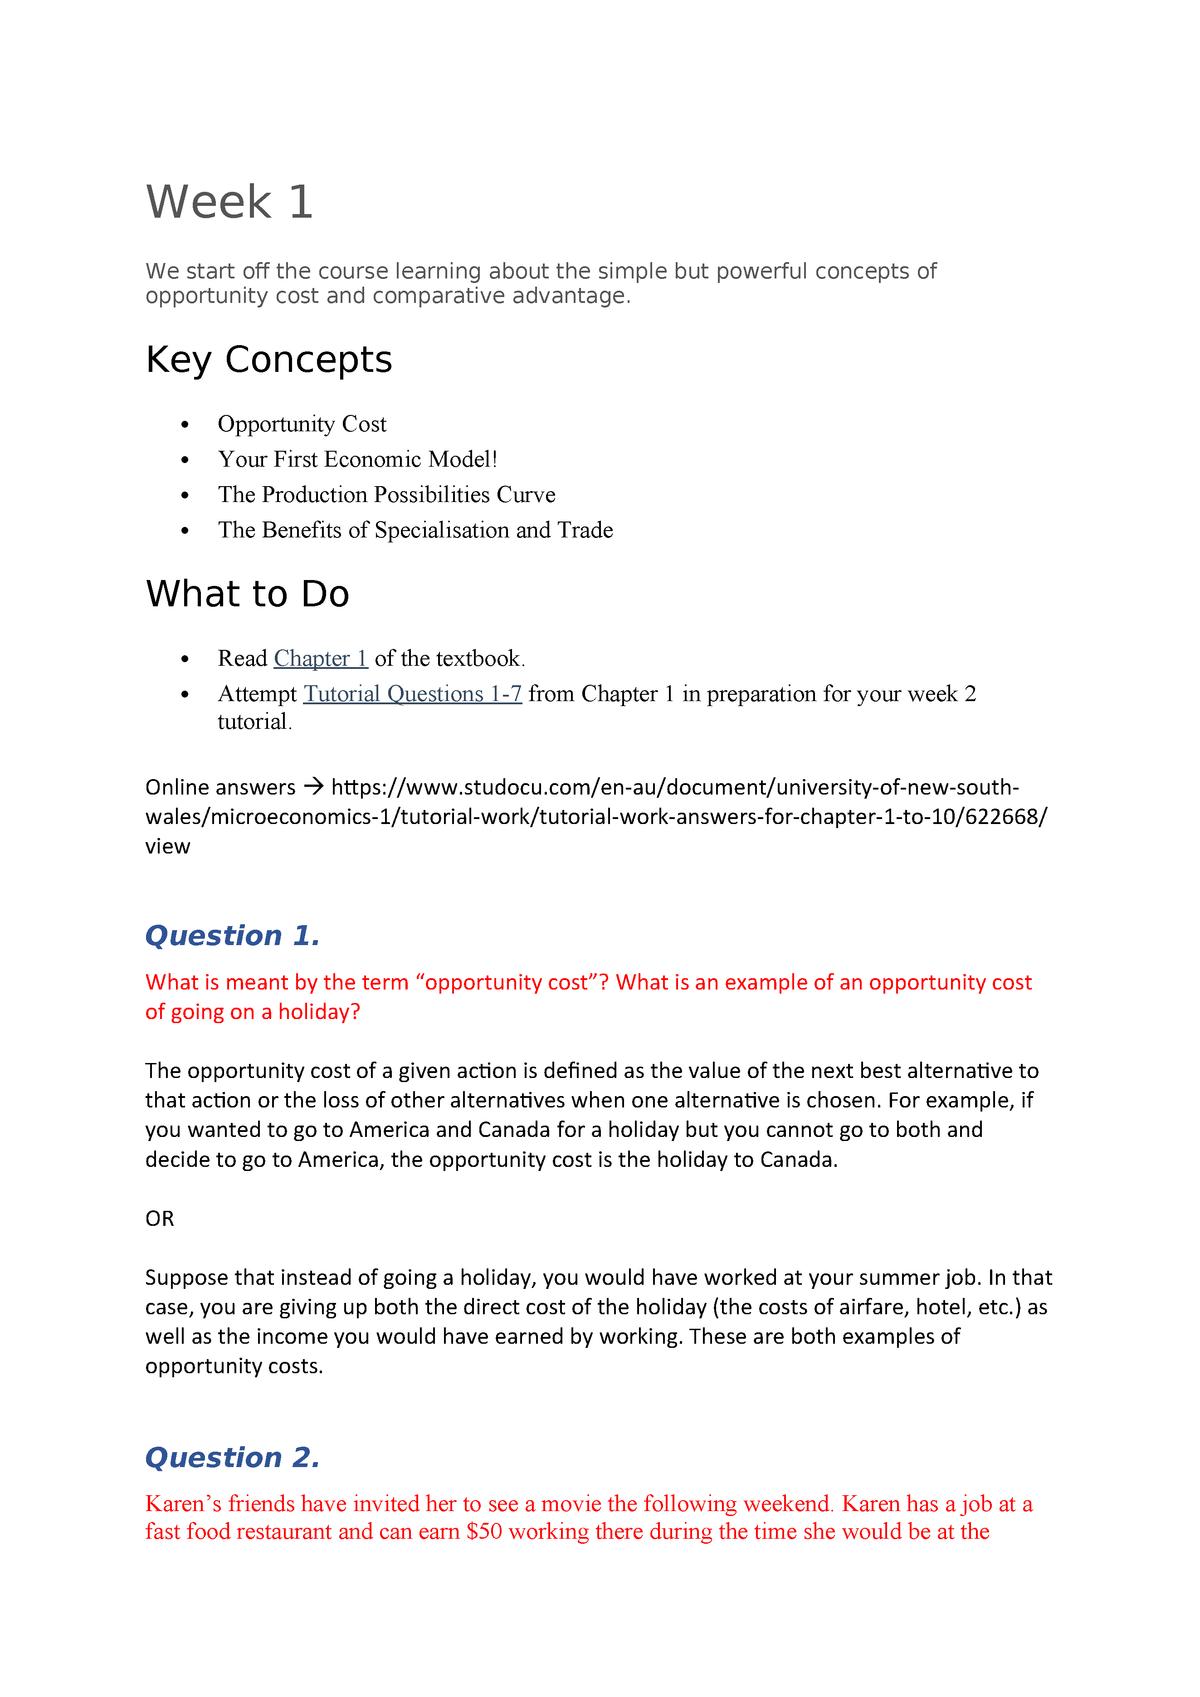 WK 2 Tutorial Q's - ECON1101 Microeconomics 1 - UNSW - StuDocu